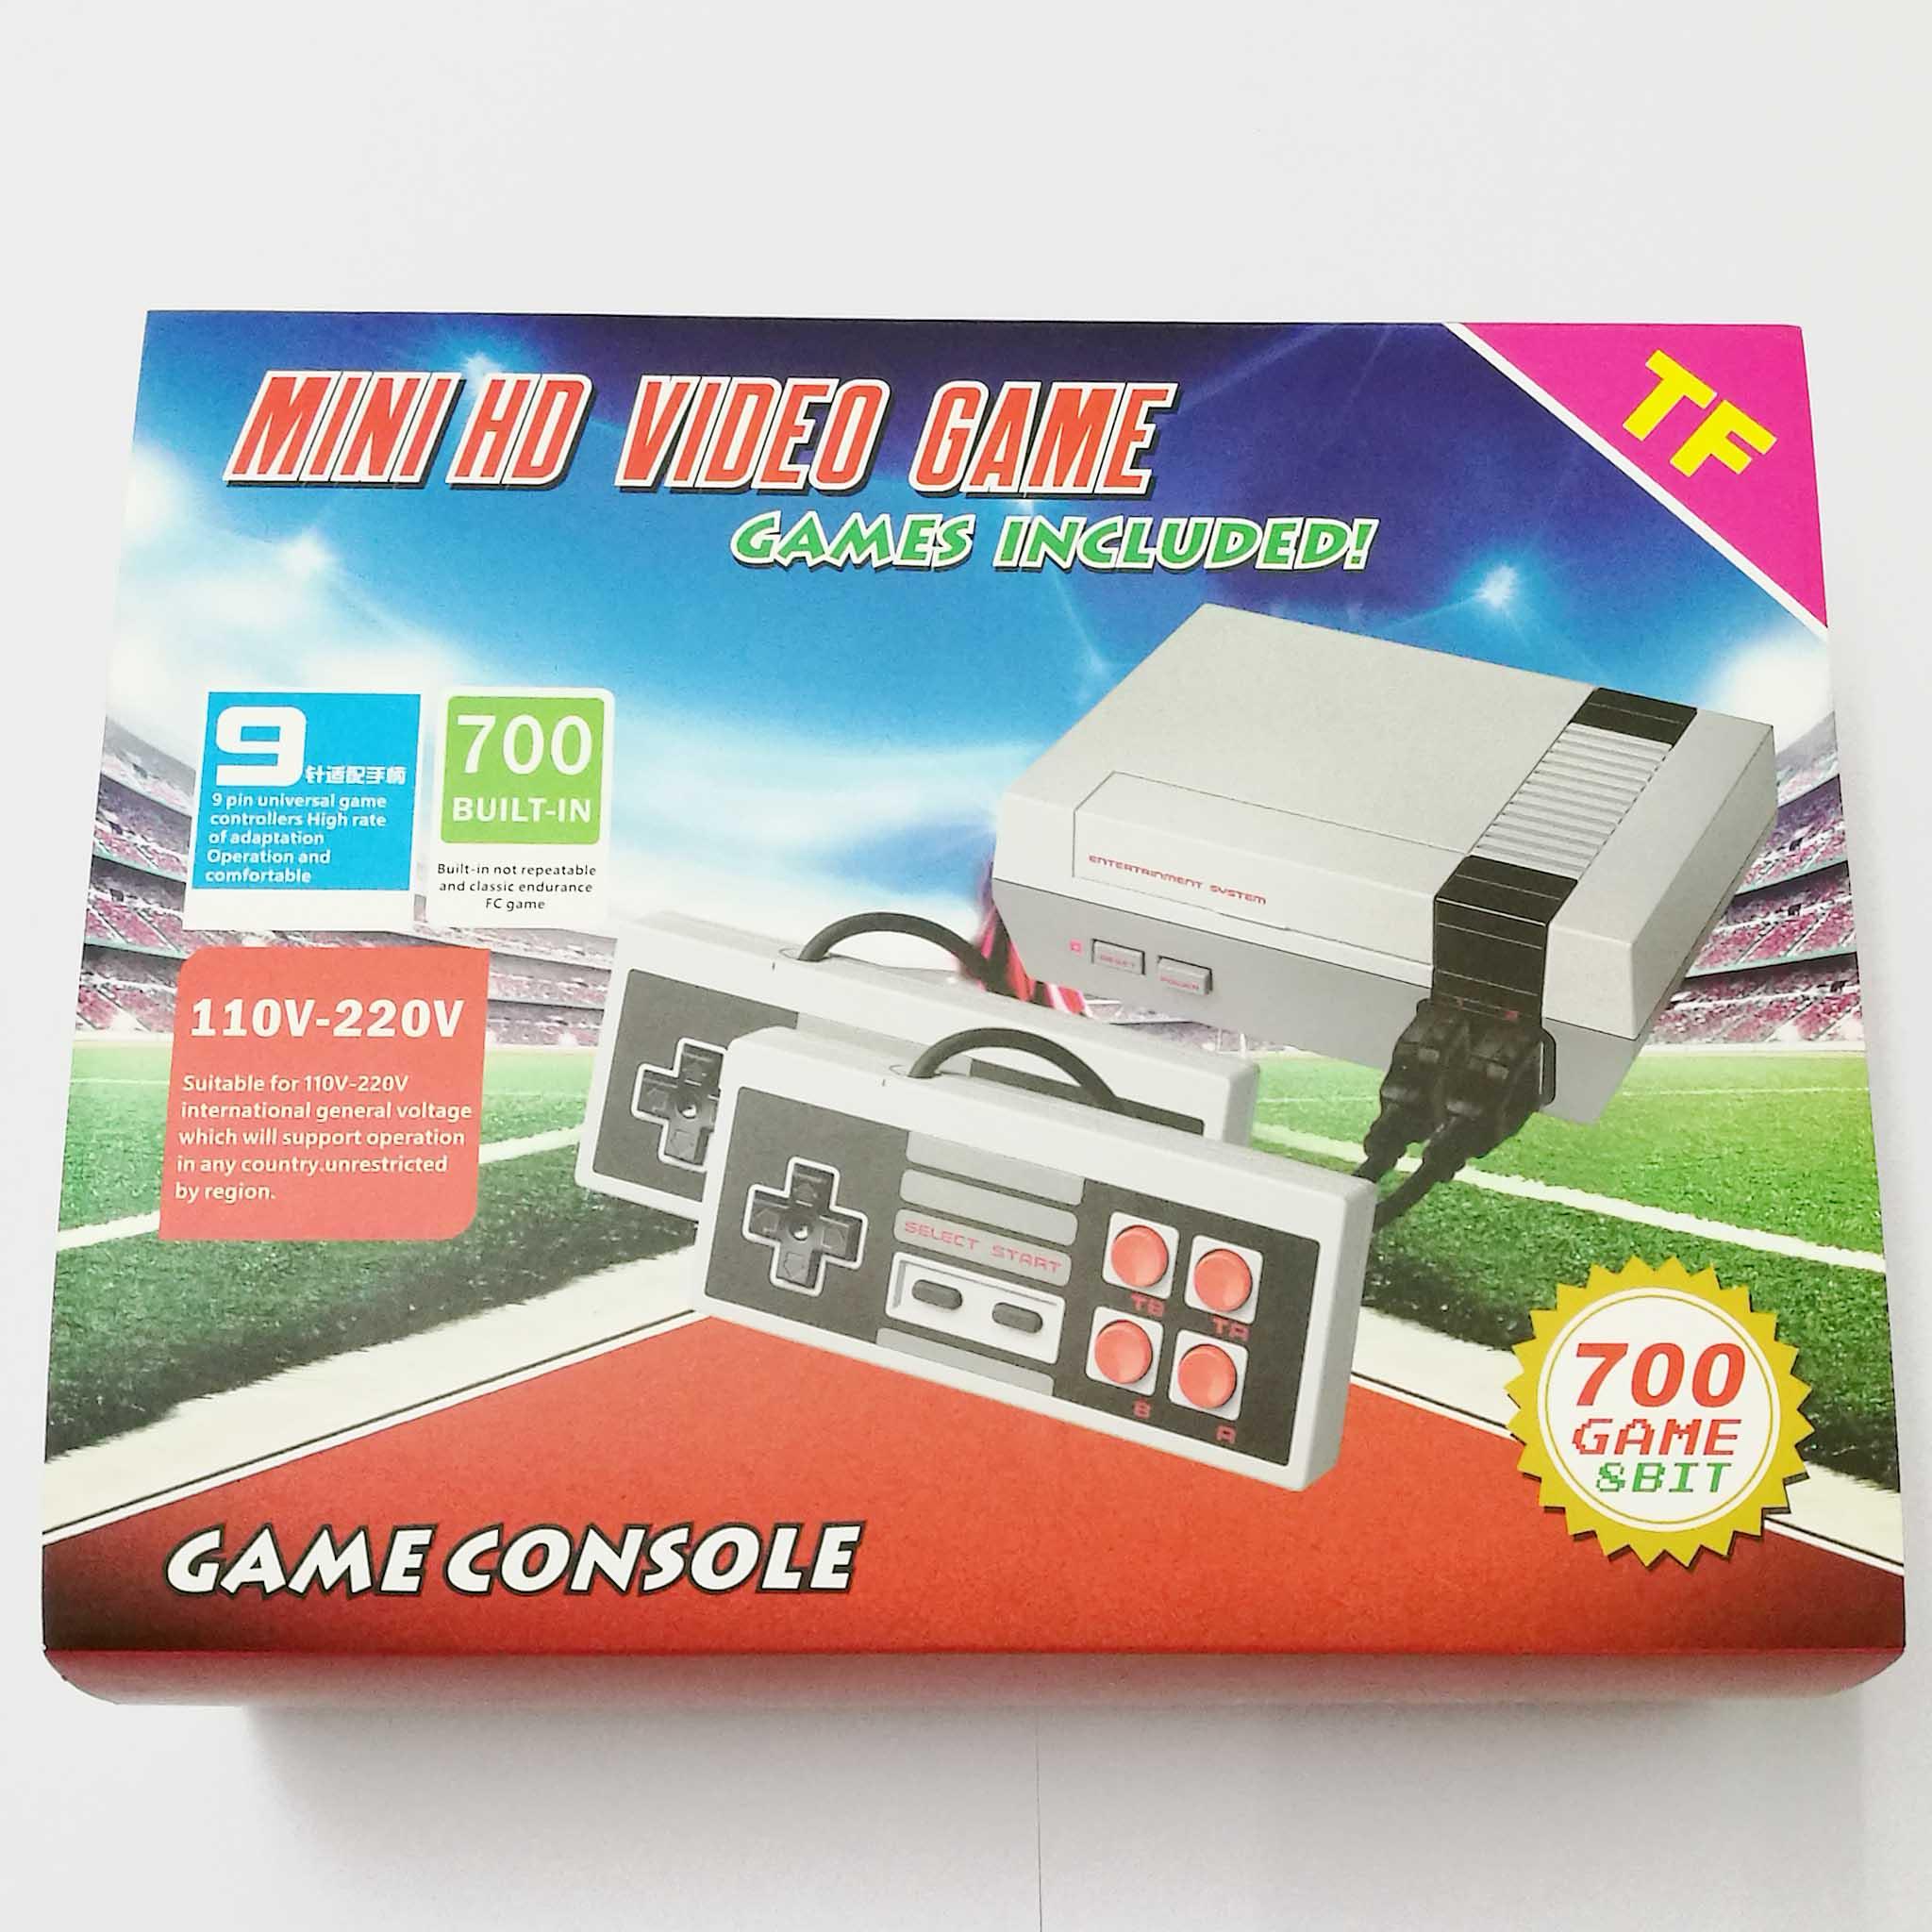 المدمج في 700 ألعاب الفيديو وحدة 8Bit تلفزيون صغير يده ريترو لعبة وحدة التحكم يده ريترو الألعاب لاعب TF بطاقة